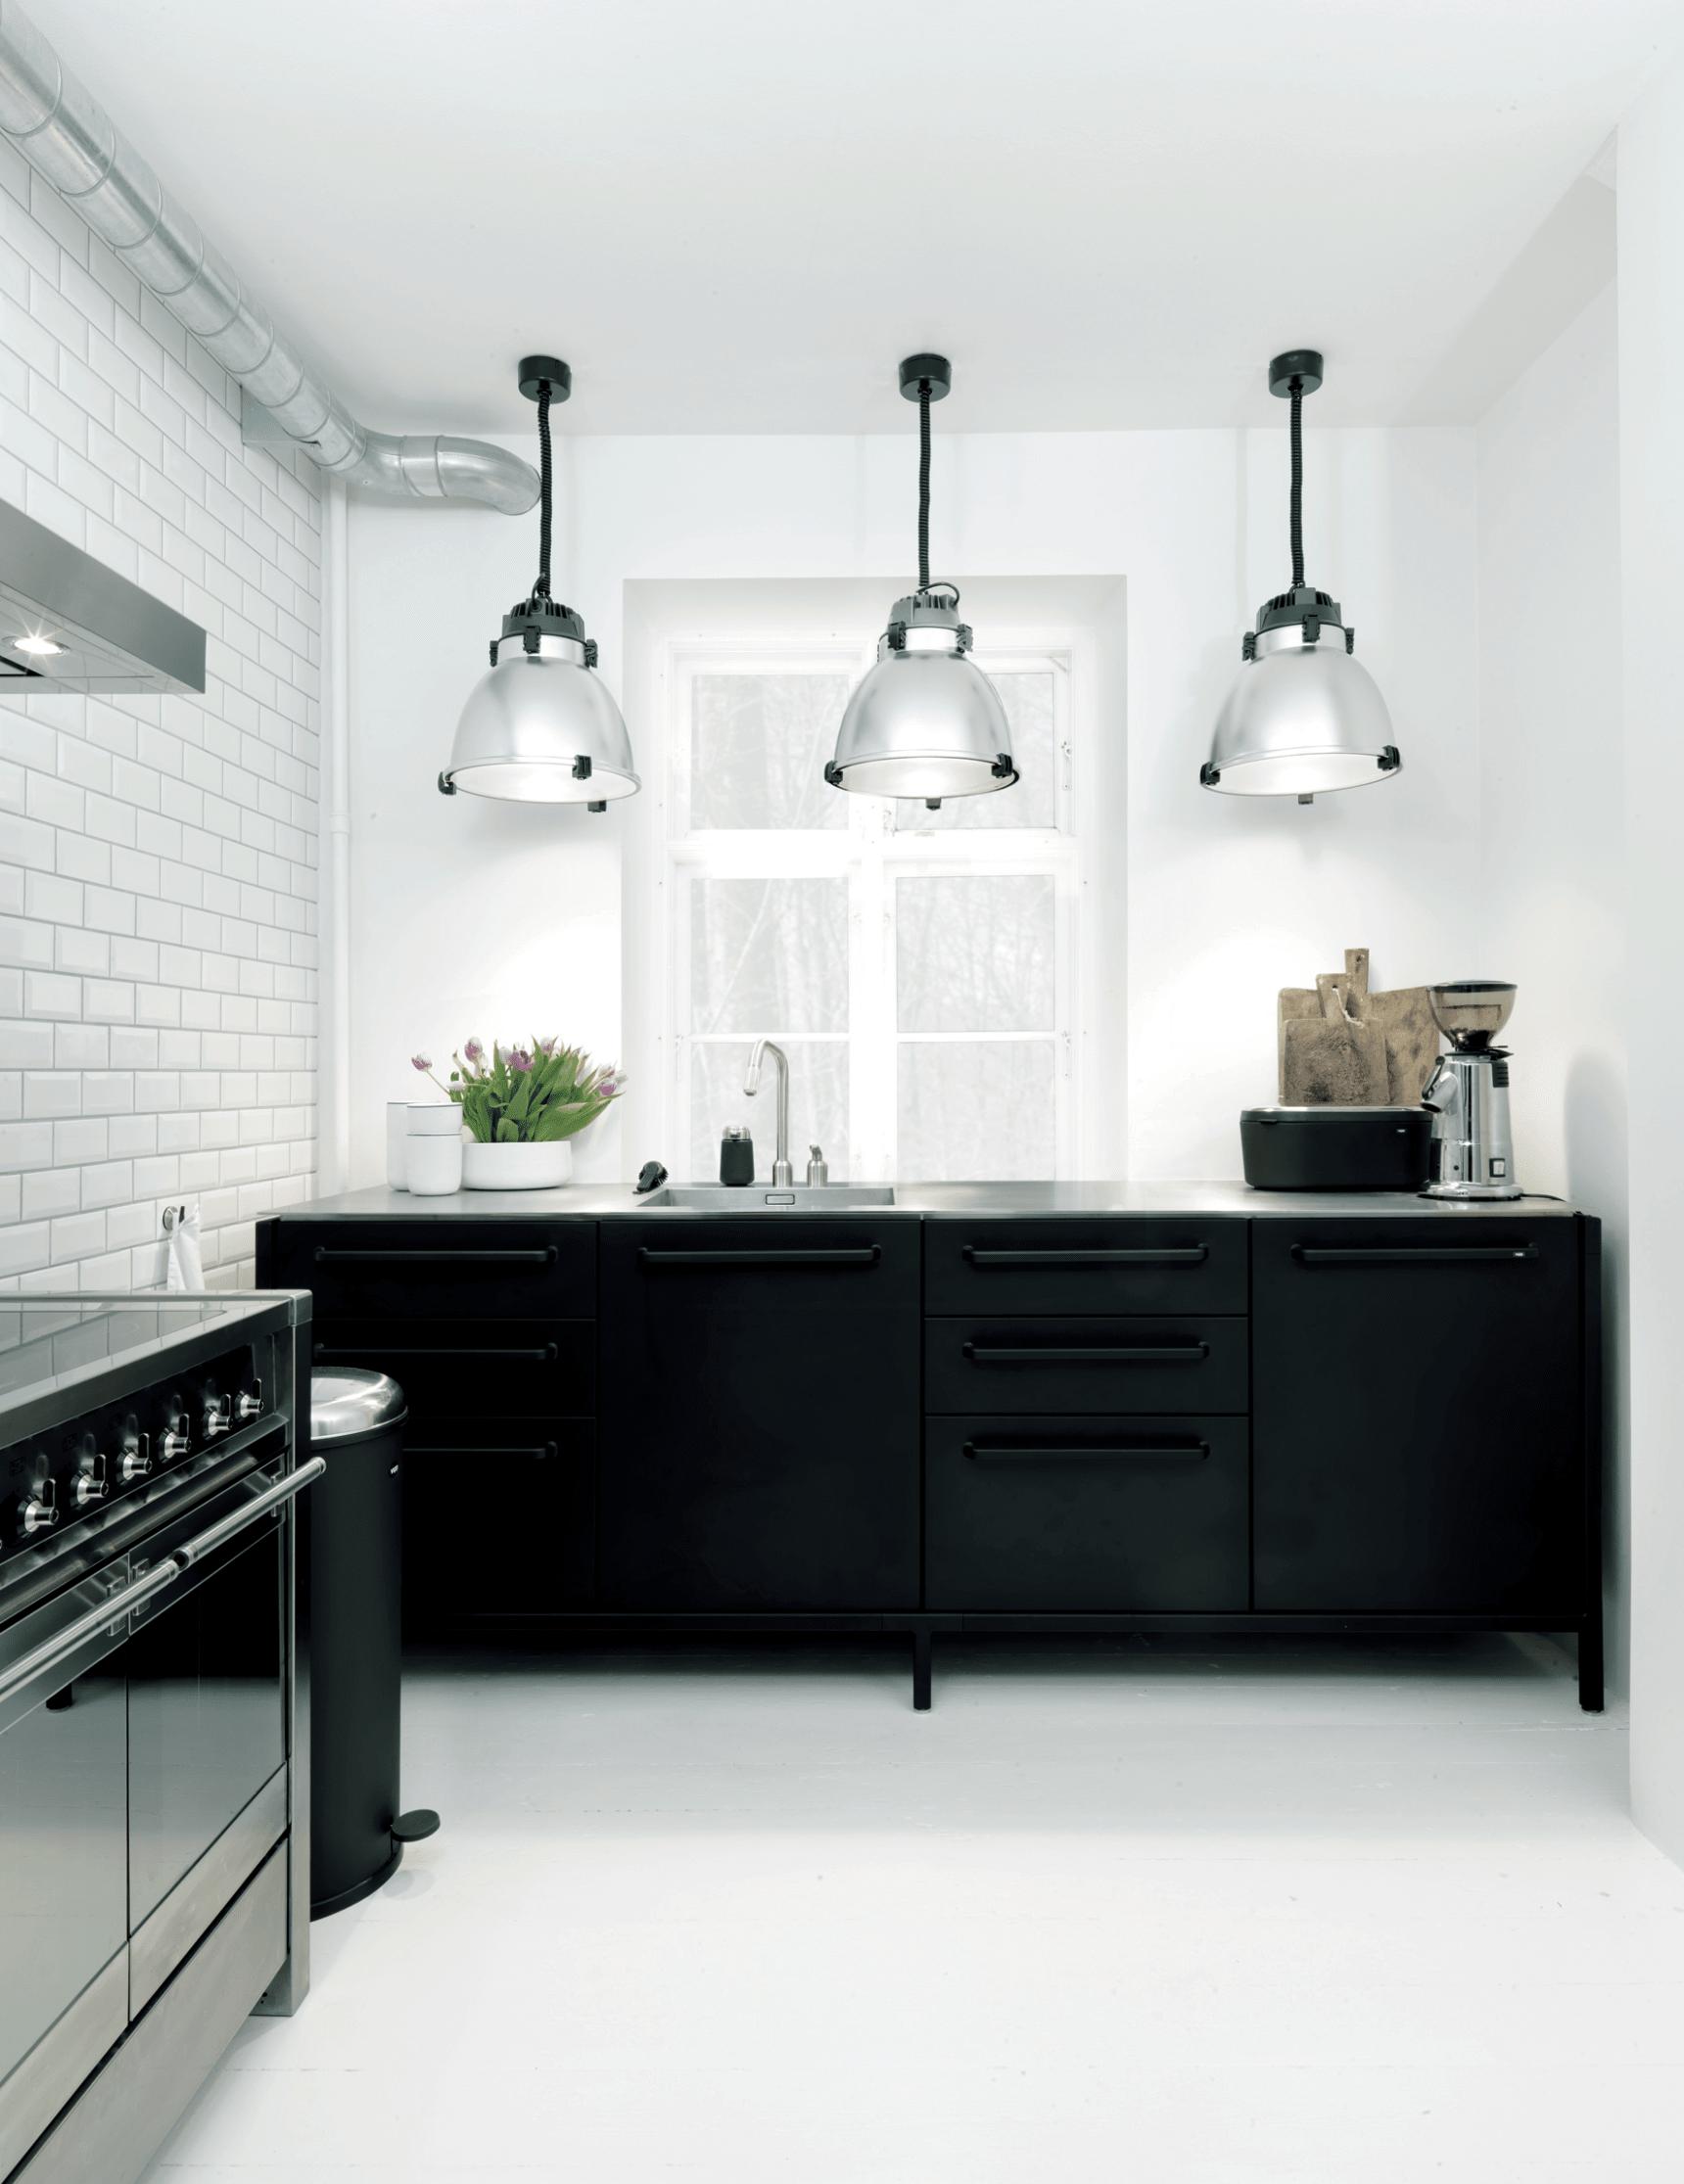 Küchen-Design Inspirationen: So könnte Deine nächste Küche aussehen 12